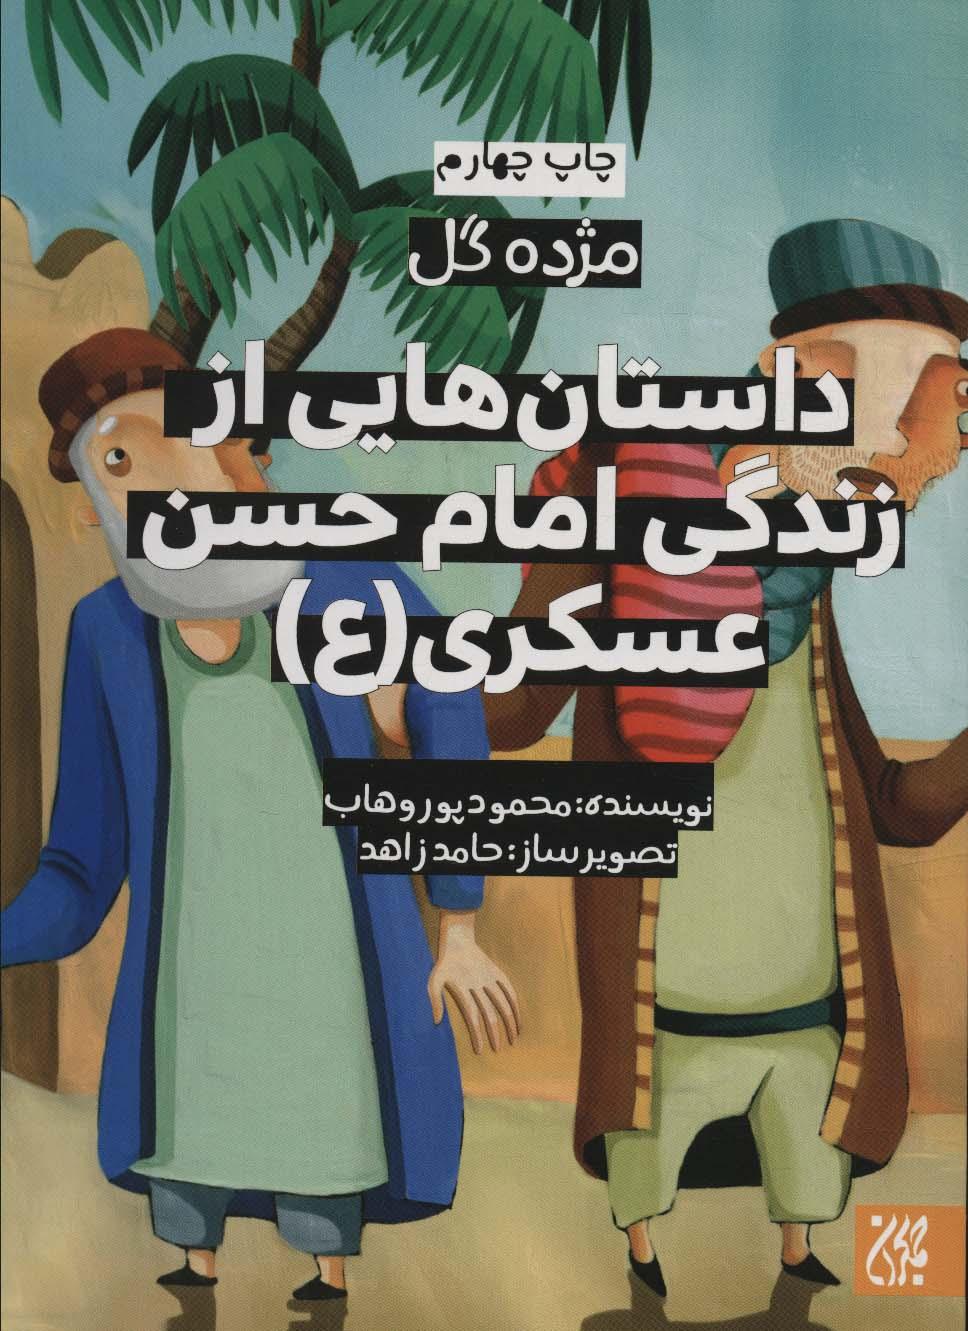 داستان هایی از زندگی امام حسن عسکری (ع)،(مژده گل)،(گلاسه)